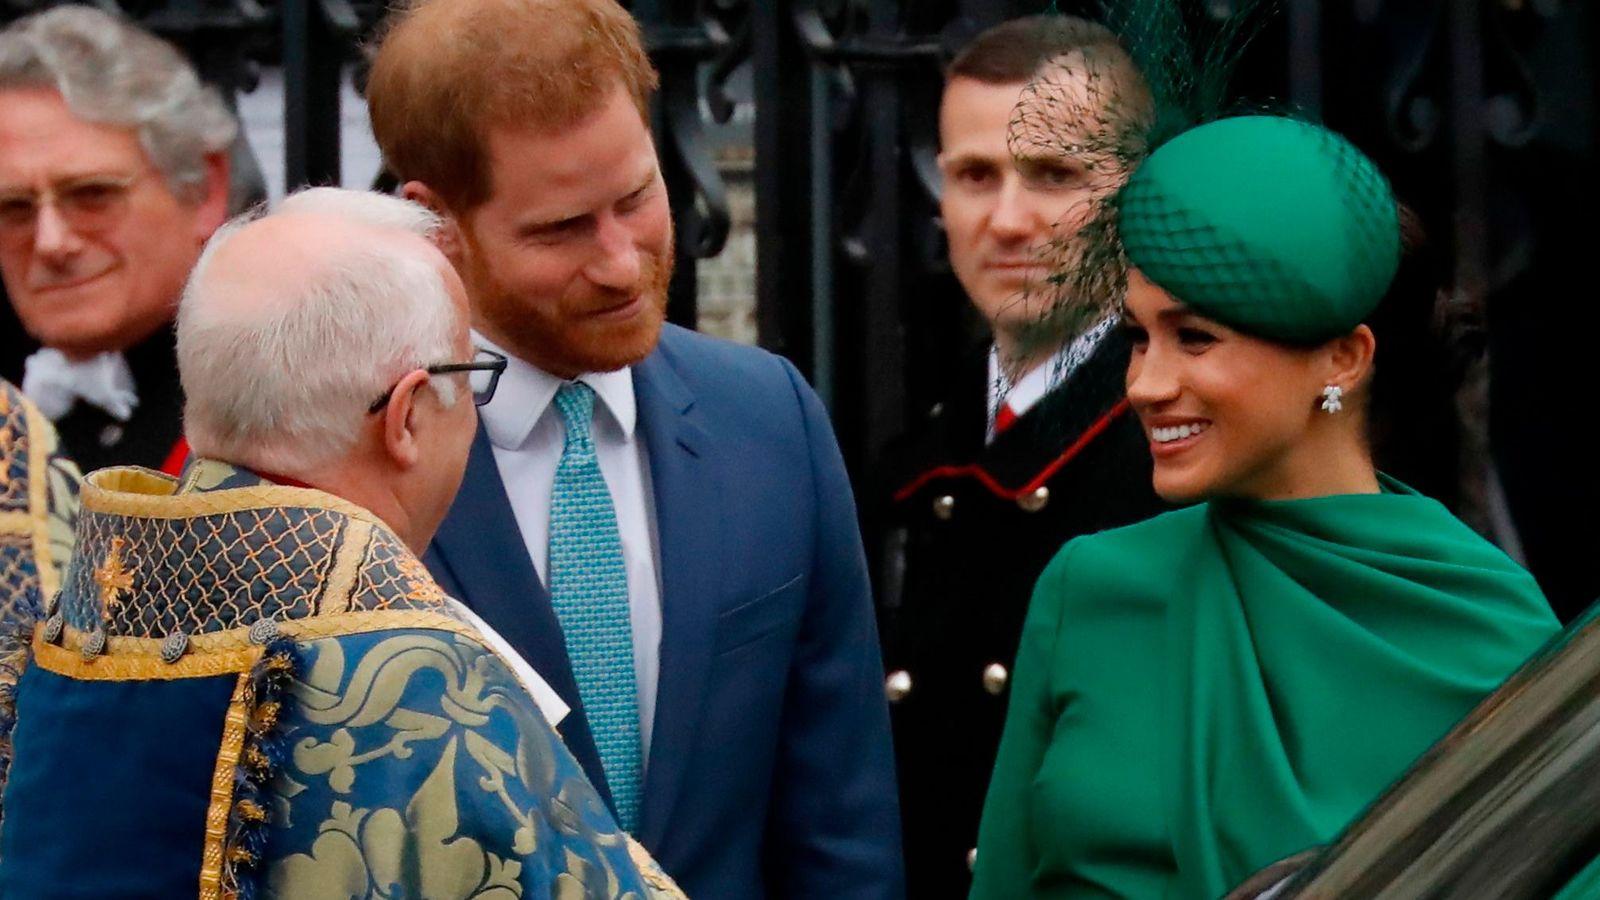 なぜ、ヘンリー王子は「年上、バツイチ、黒人系」を妃に選んだのか メーガン妃とダイアナ元妃の共通点